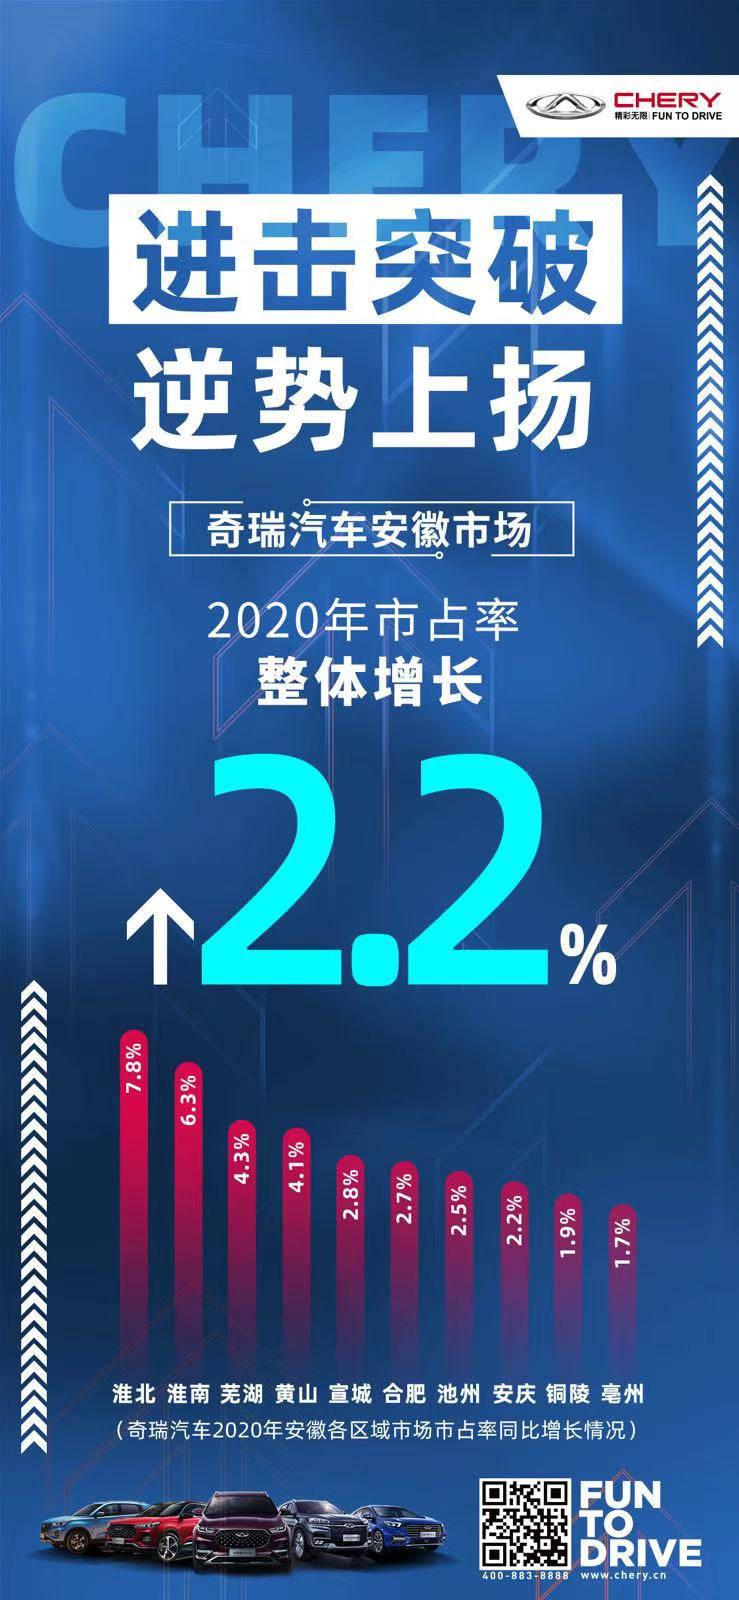 2020年,奇瑞汽车在安徽的市场份额增长了2.2%